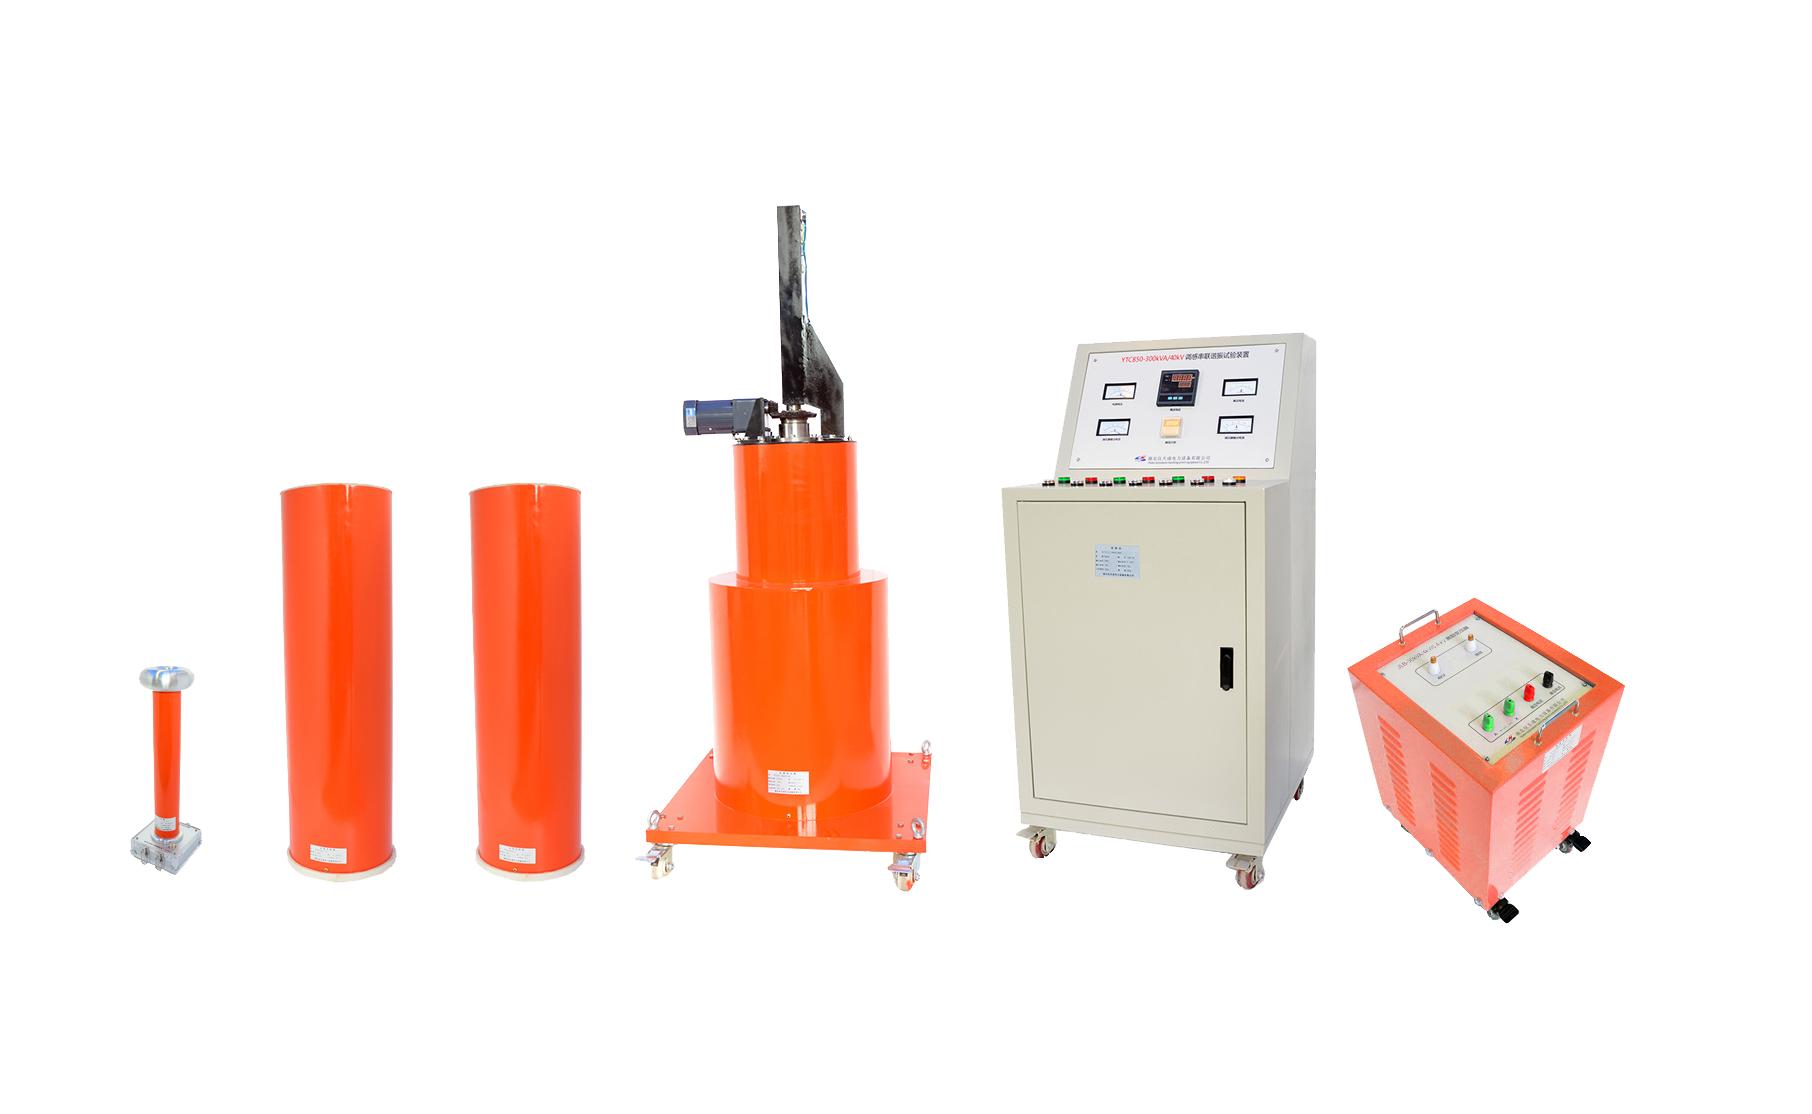 YTC850发电机工频串联谐振耐压试验装置整体图